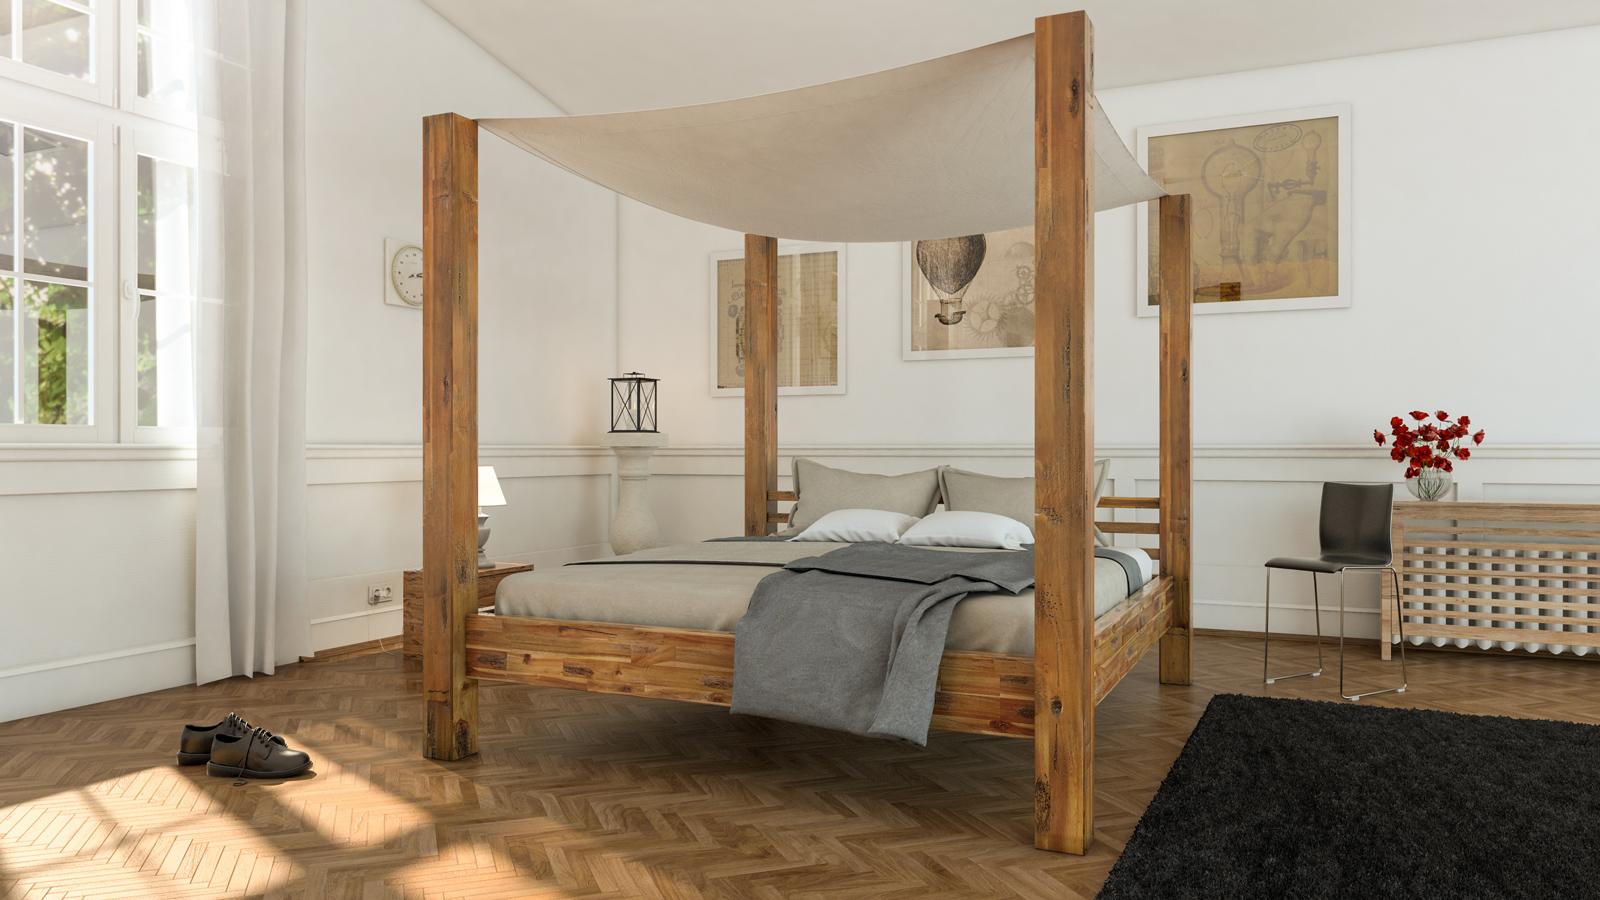 sale himmelbett 160x200 cm massivholzbett inkl himmel. Black Bedroom Furniture Sets. Home Design Ideas